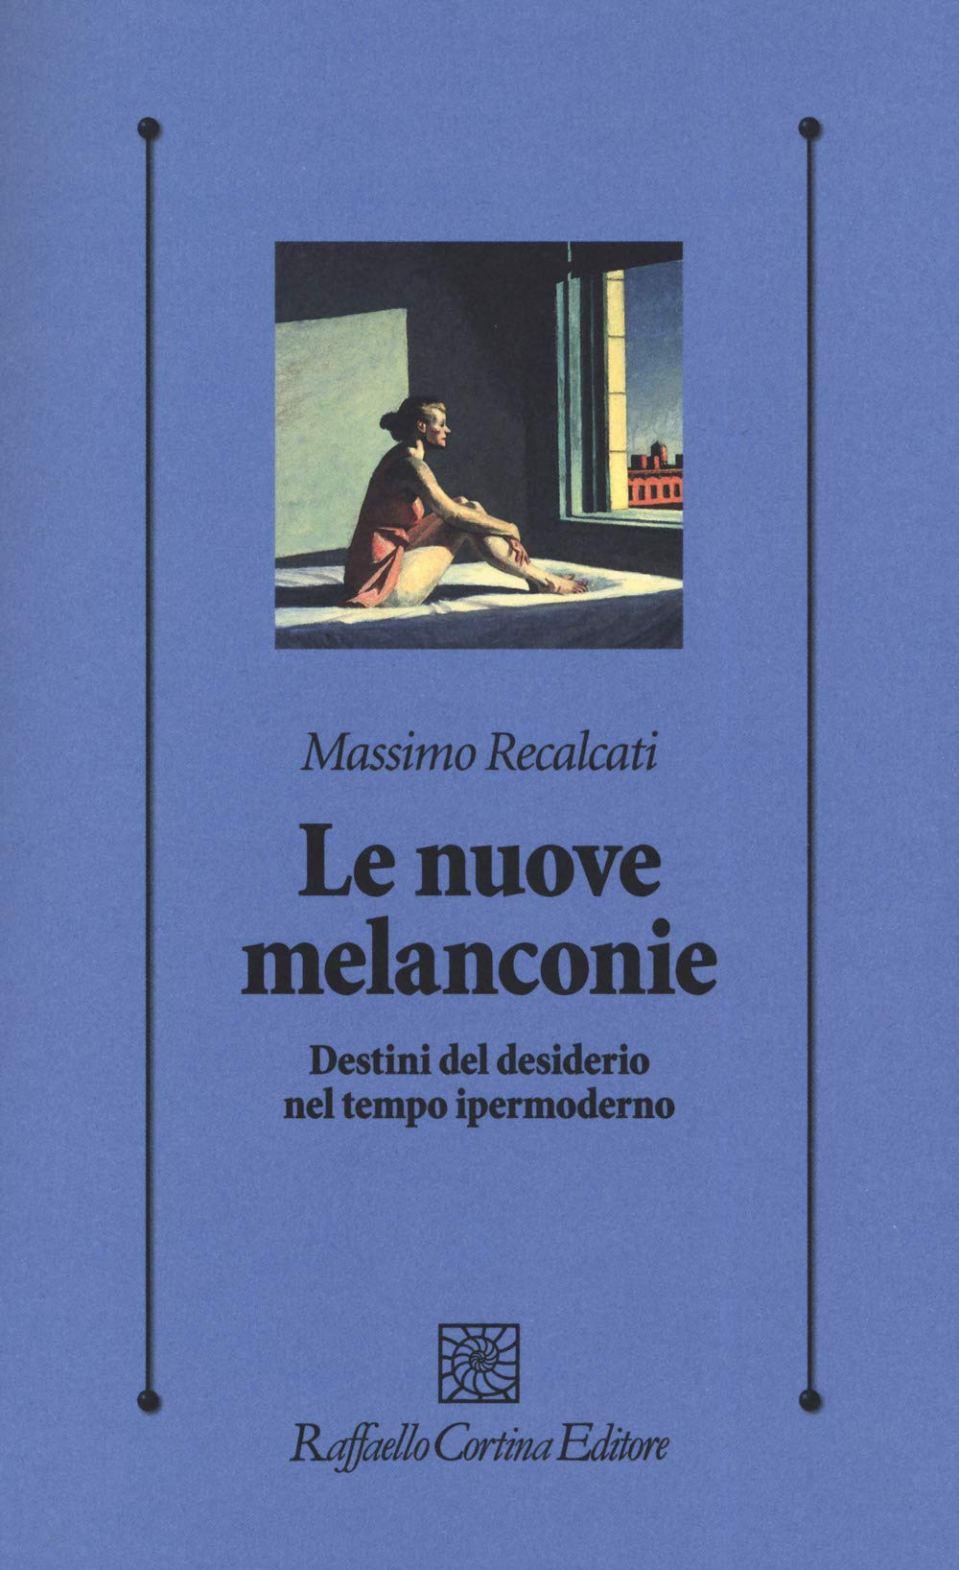 Le nuove melanconie. Destini del desiderio nel tempo ipermoderno Book Cover